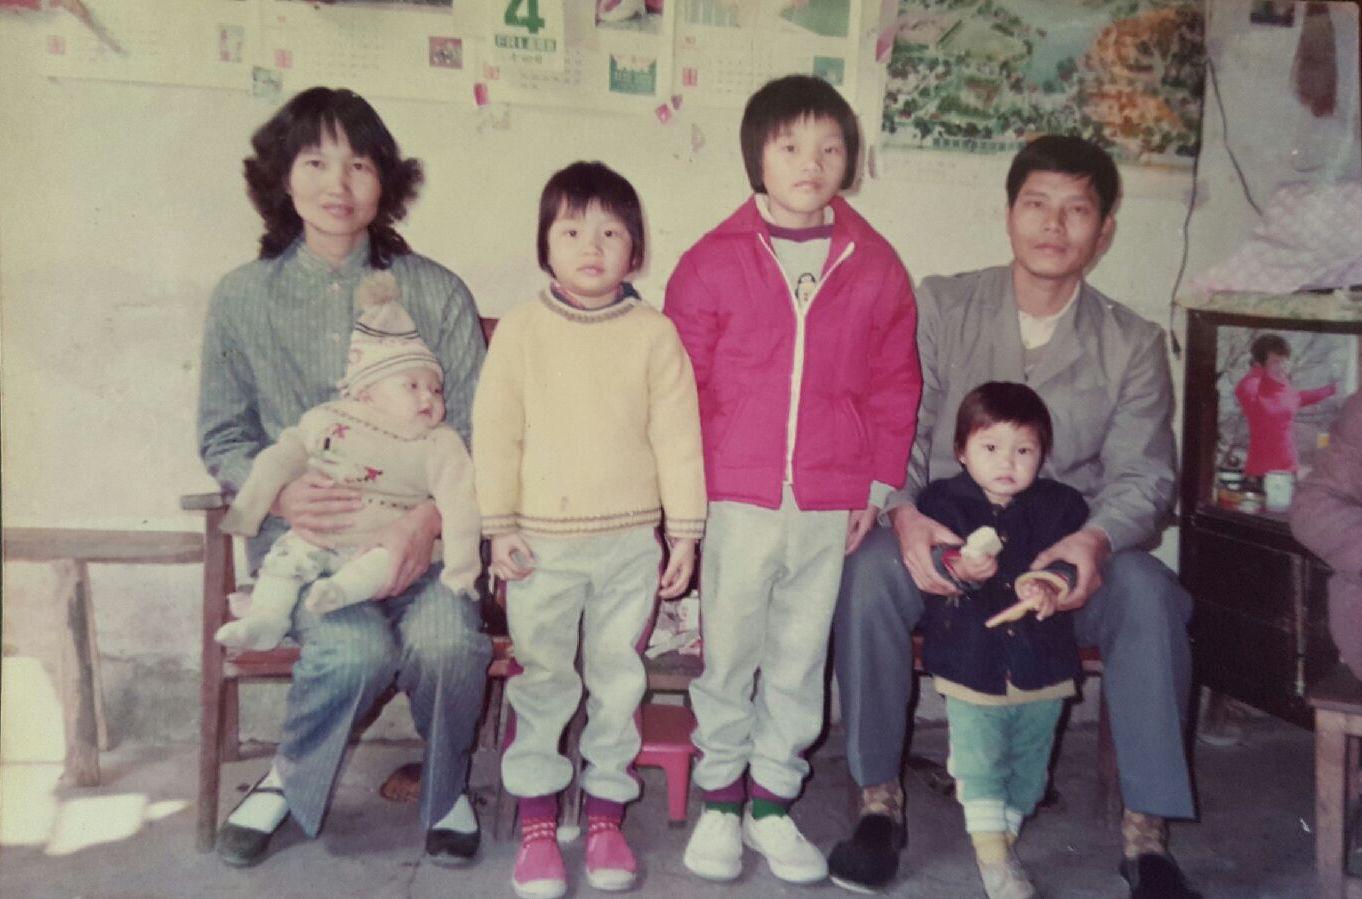 1-wong-family-1.jpg